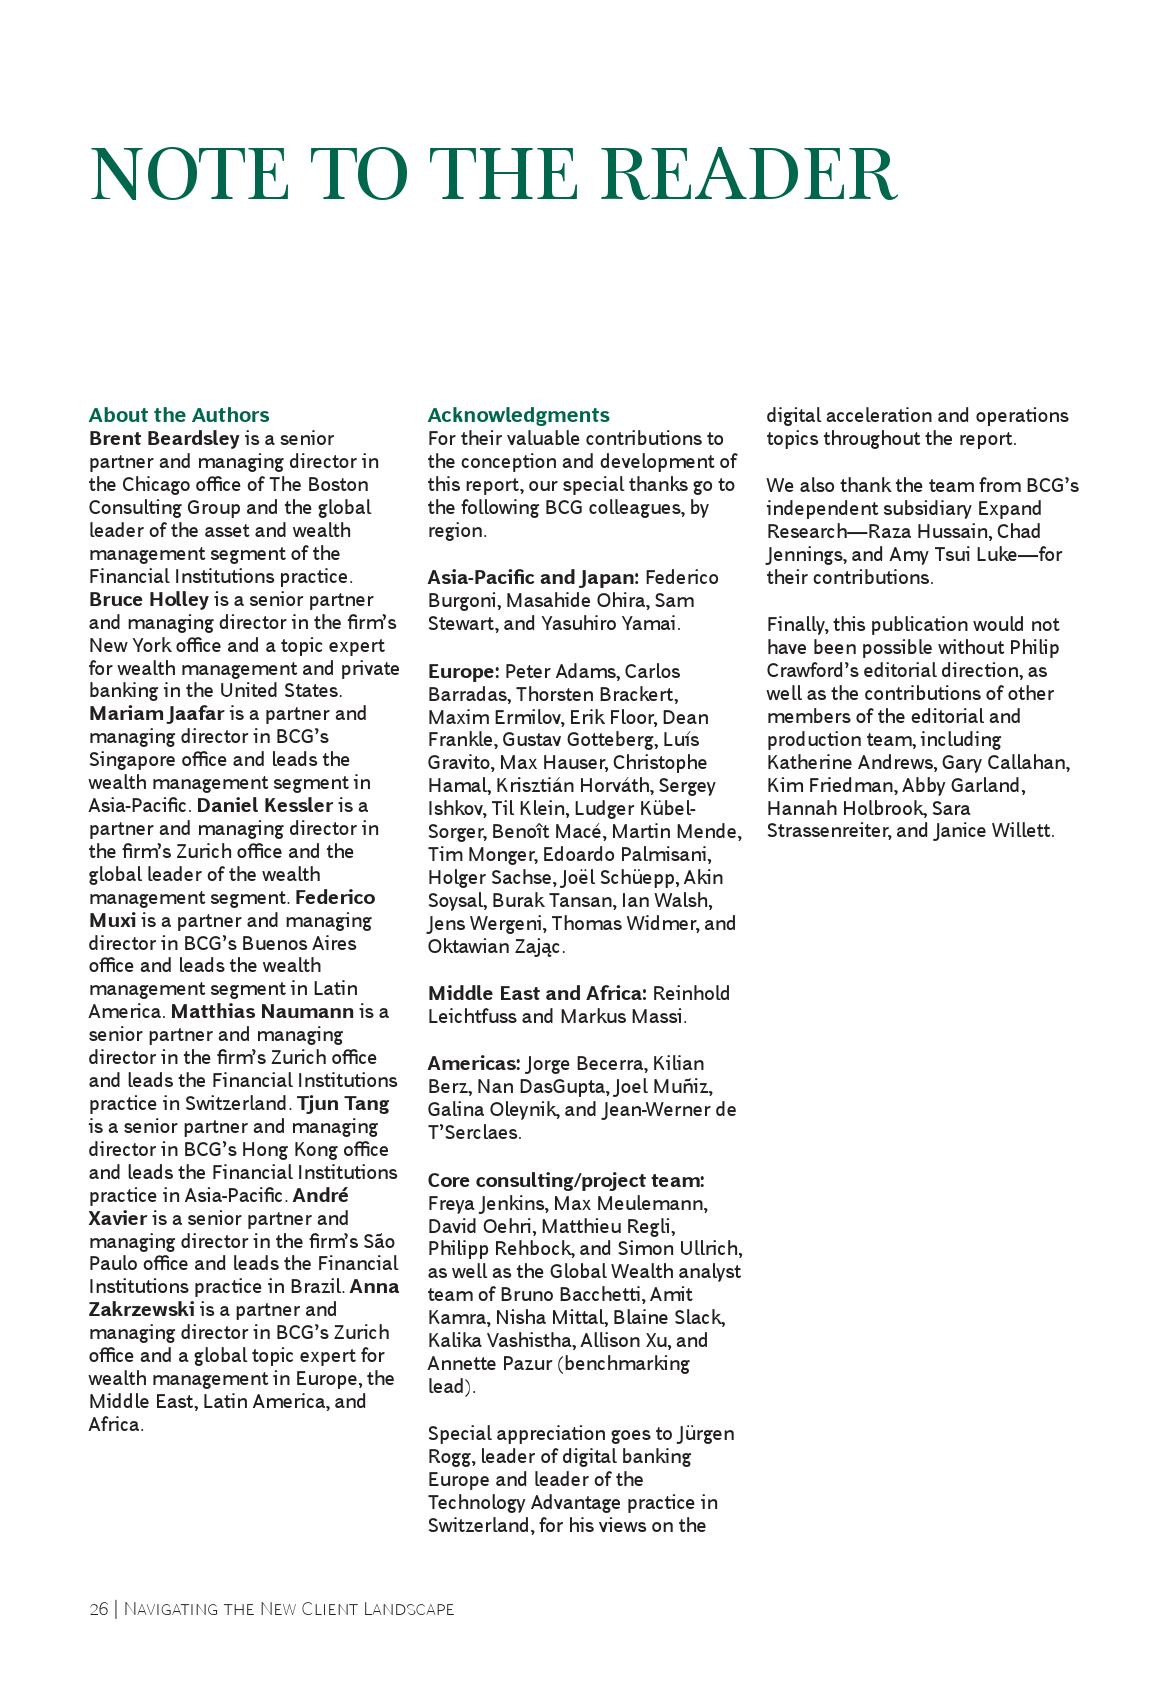 波士顿咨询:全球财富报告2016_000028